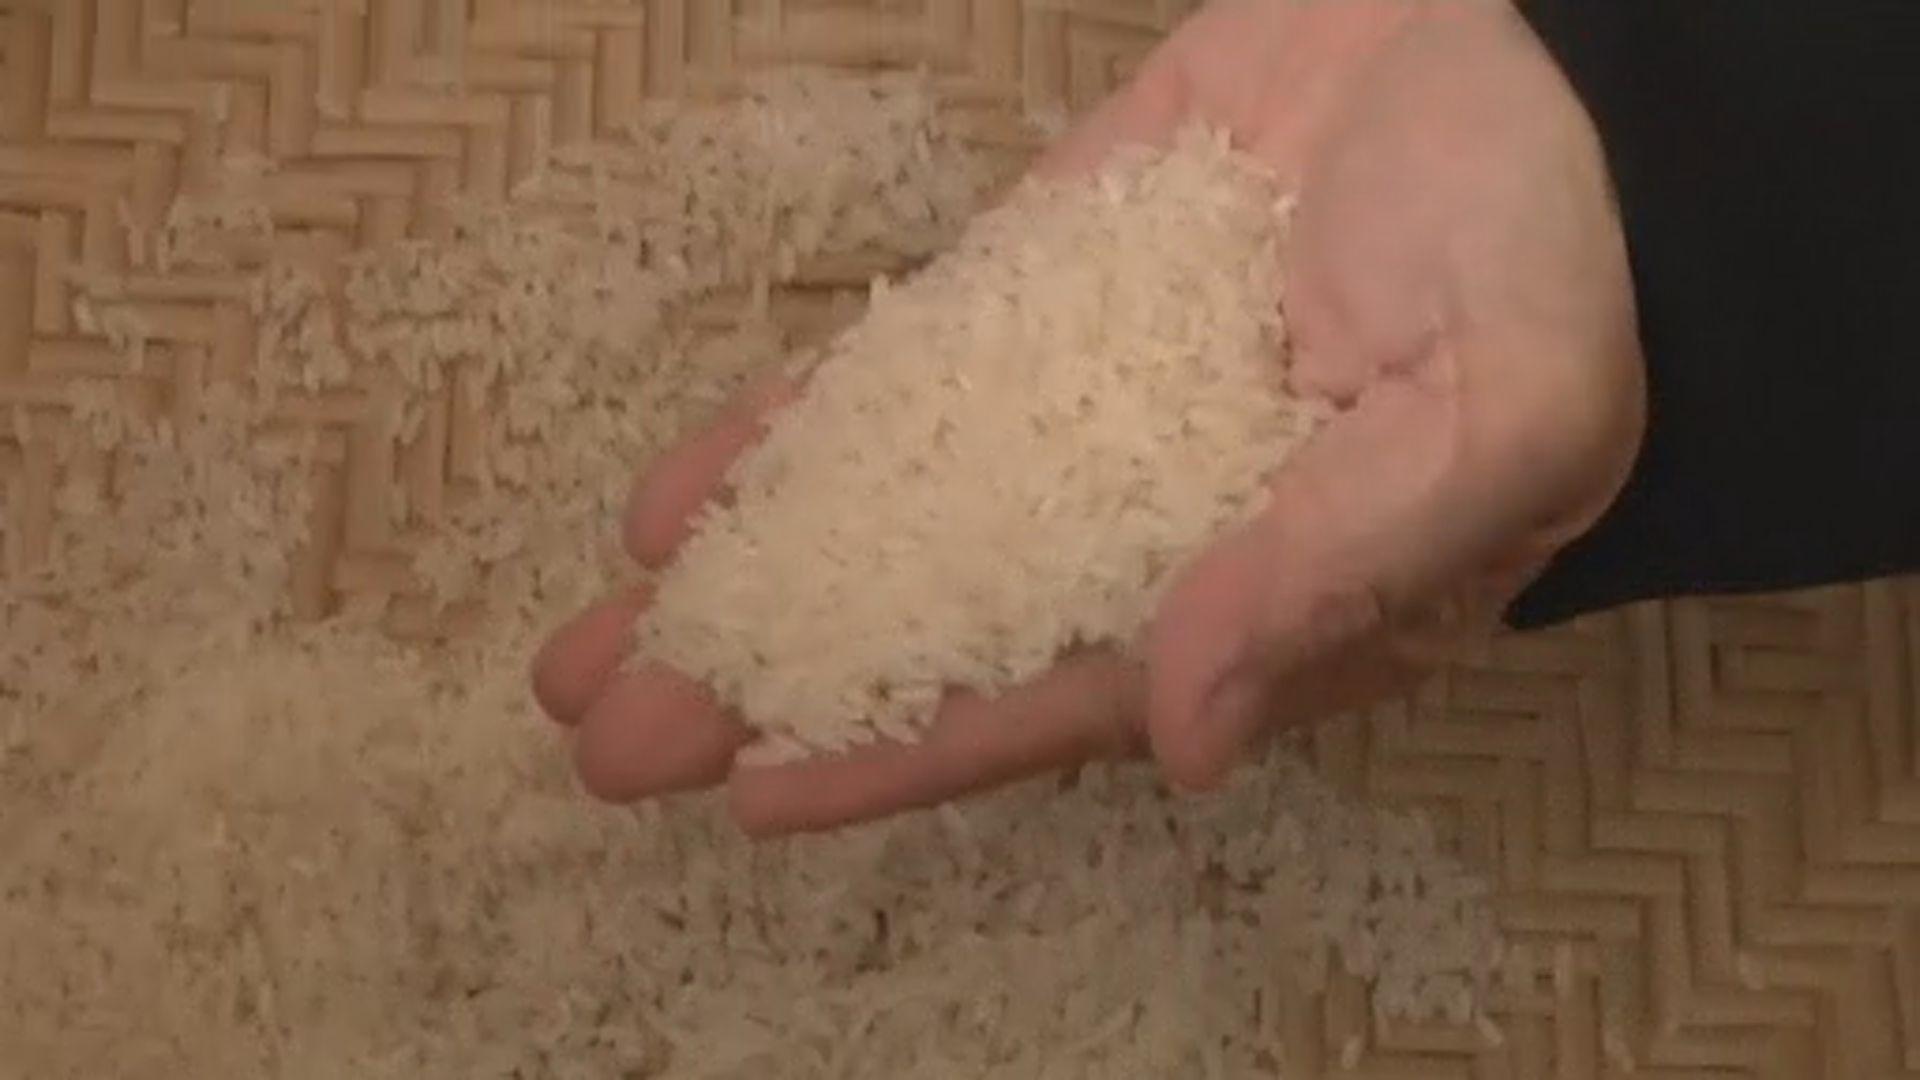 【環球薈報】研究指出多吃米飯有助對抗肥胖